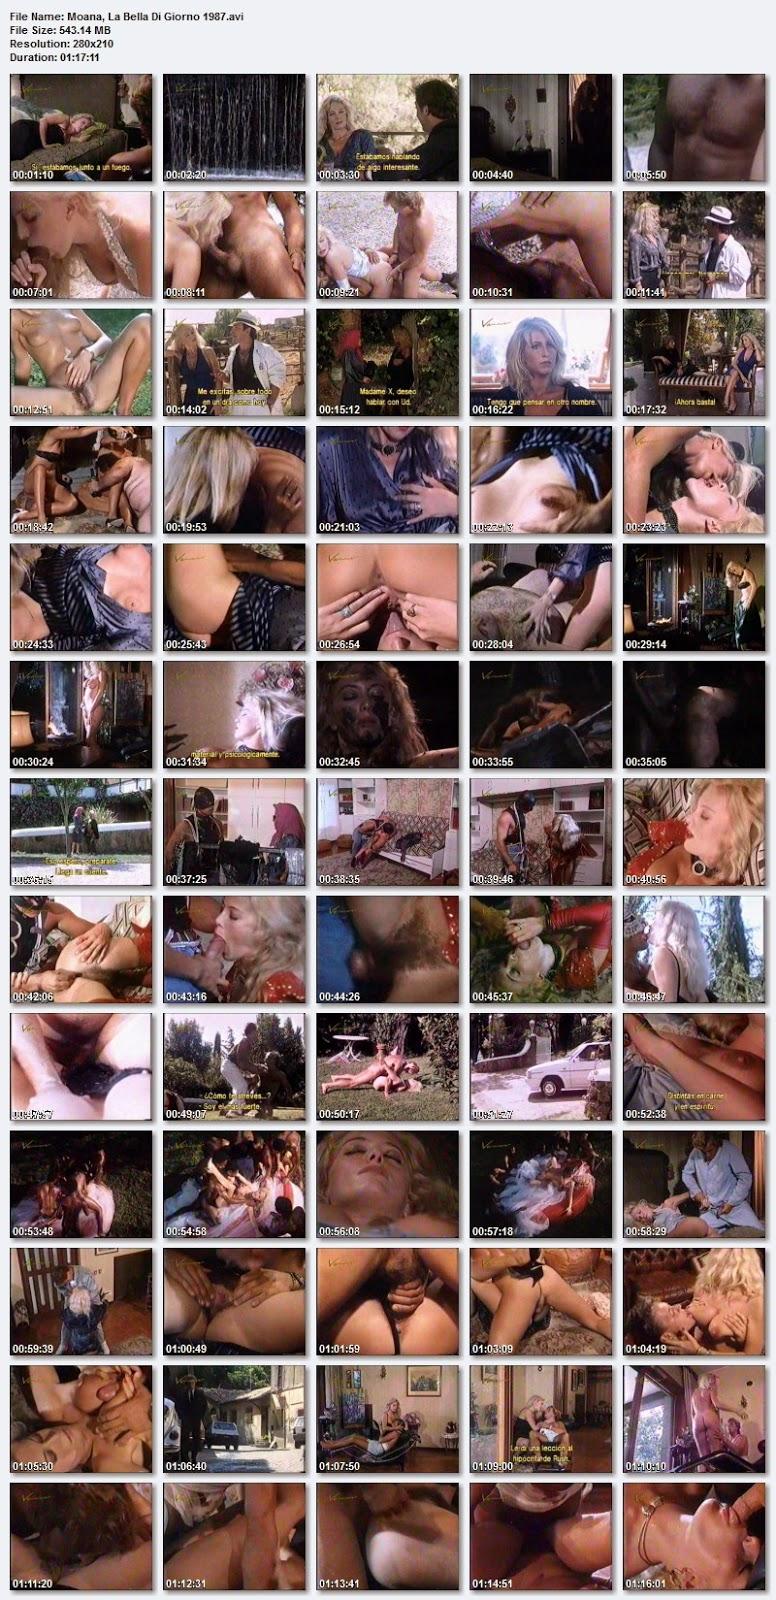 Bella di giorno full italian porn movie 8